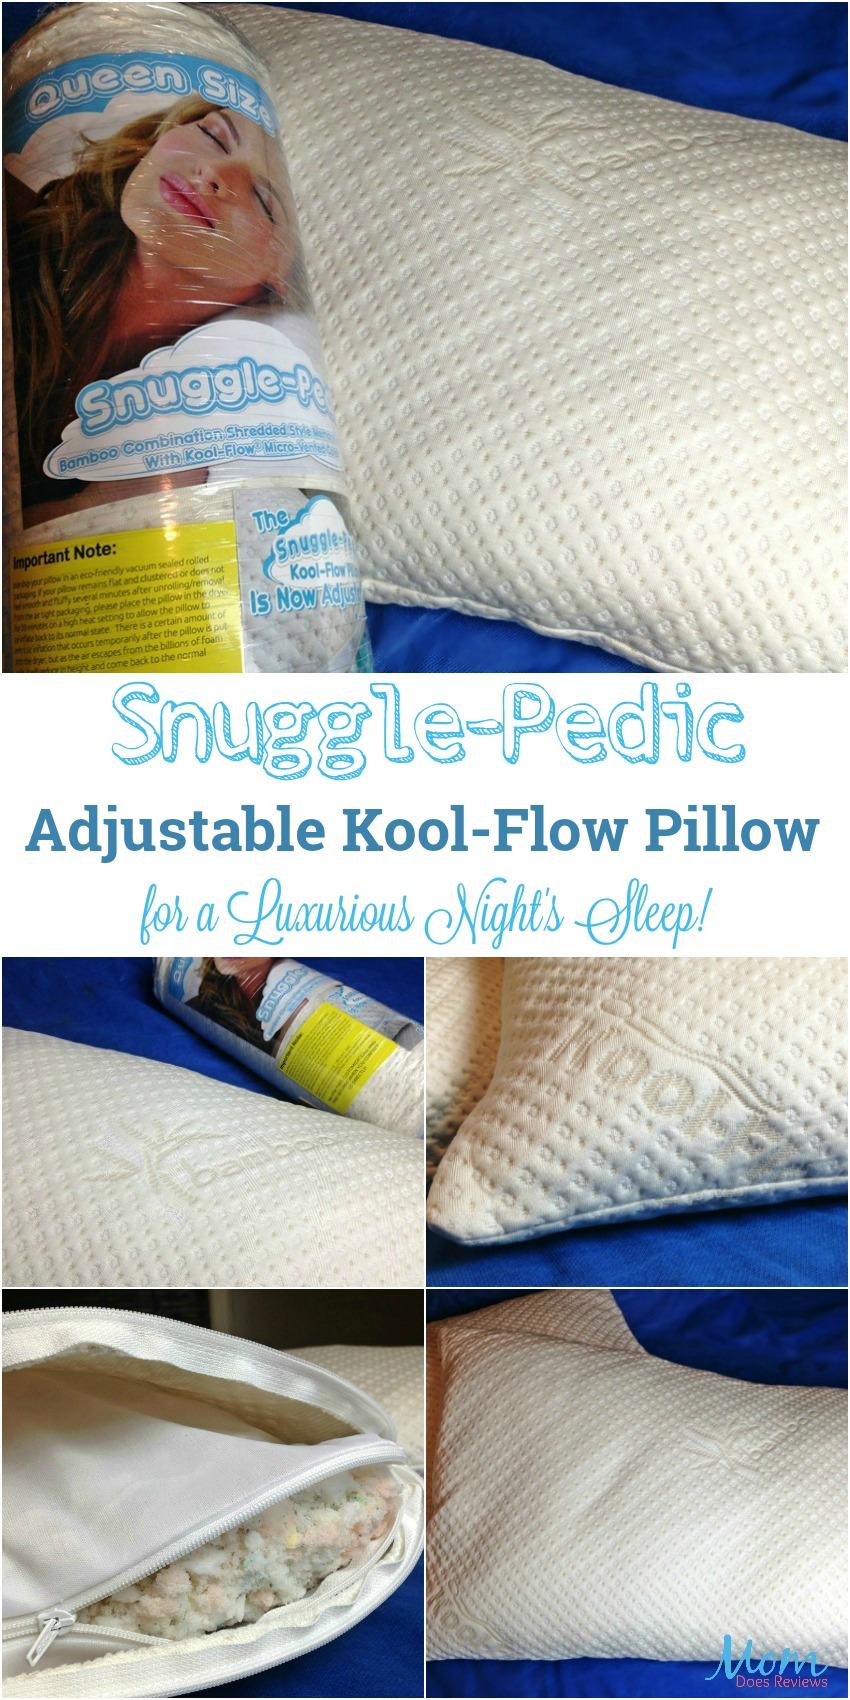 snuggle pedic adjustable kool flow